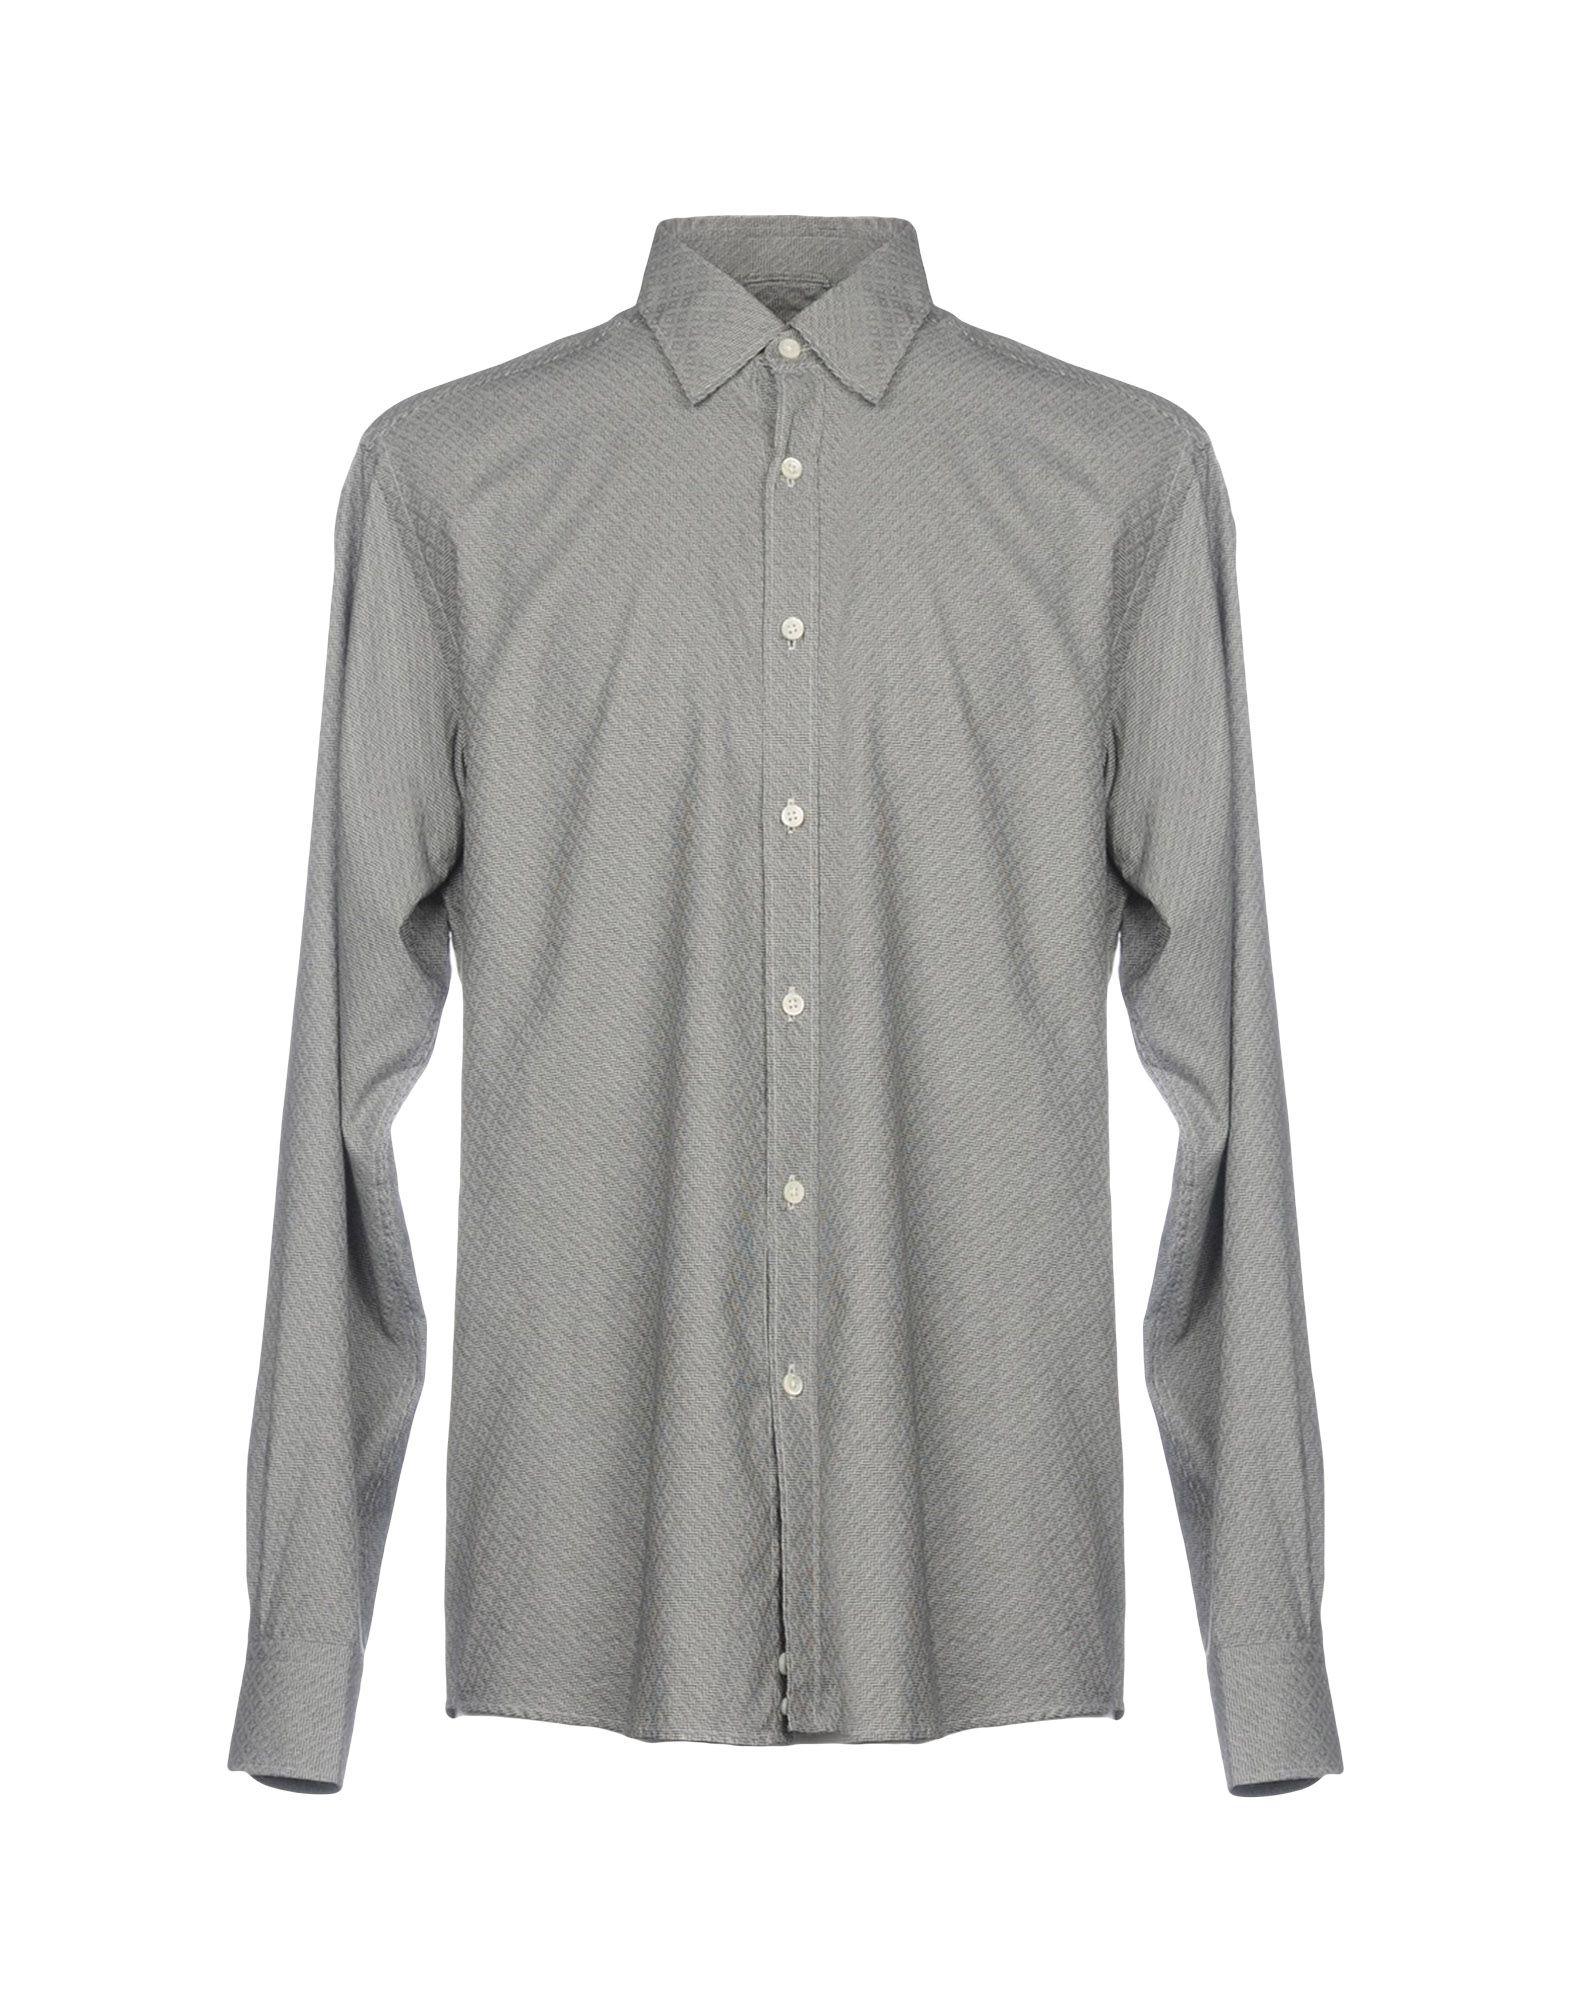 《送料無料》ERMENEGILDO ZEGNA メンズ シャツ ブラック XL コットン 100%